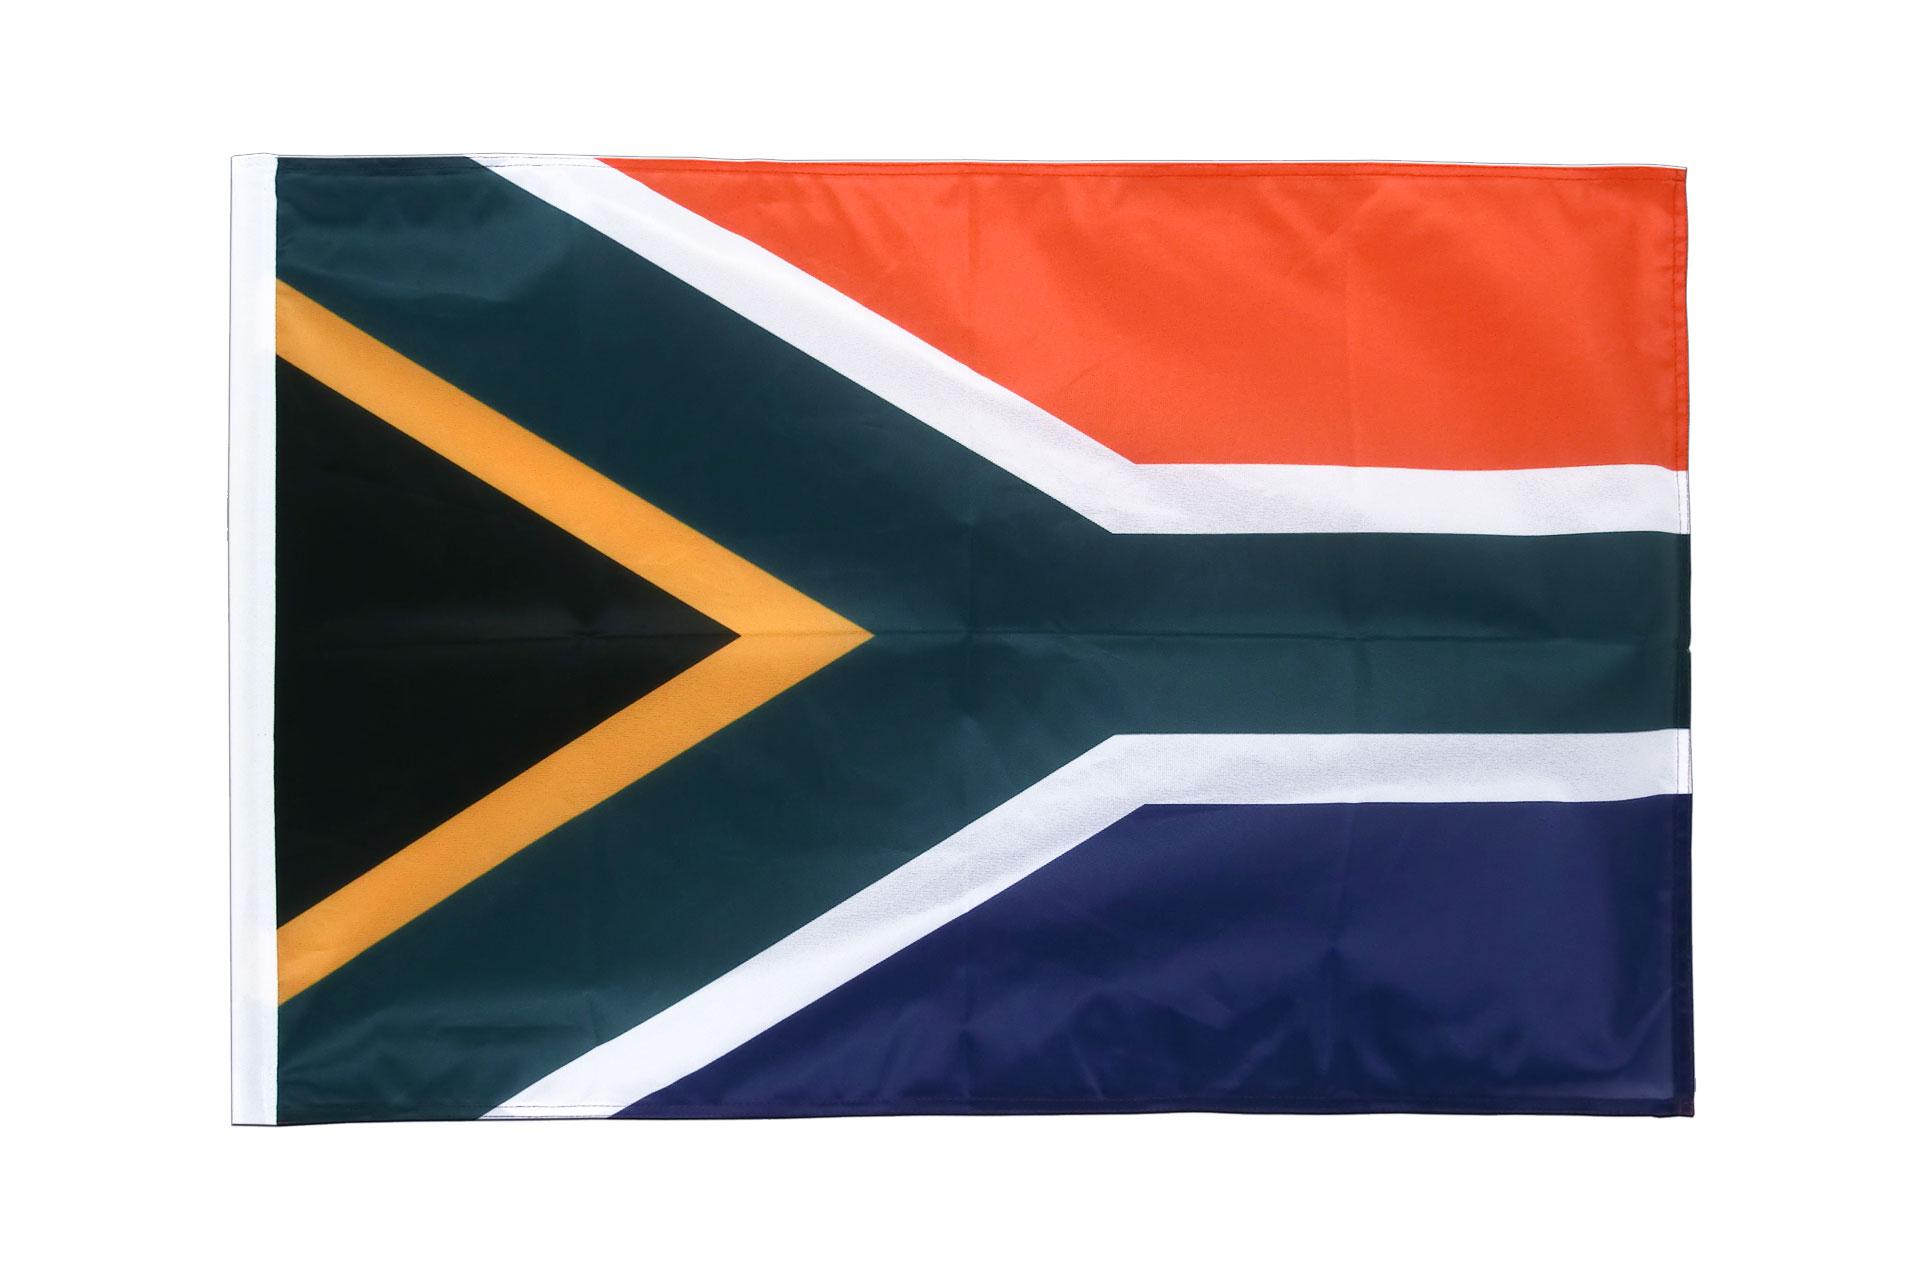 pavillon afrique du sud fourreau pro 60 x 90 cm m des drapeaux. Black Bedroom Furniture Sets. Home Design Ideas